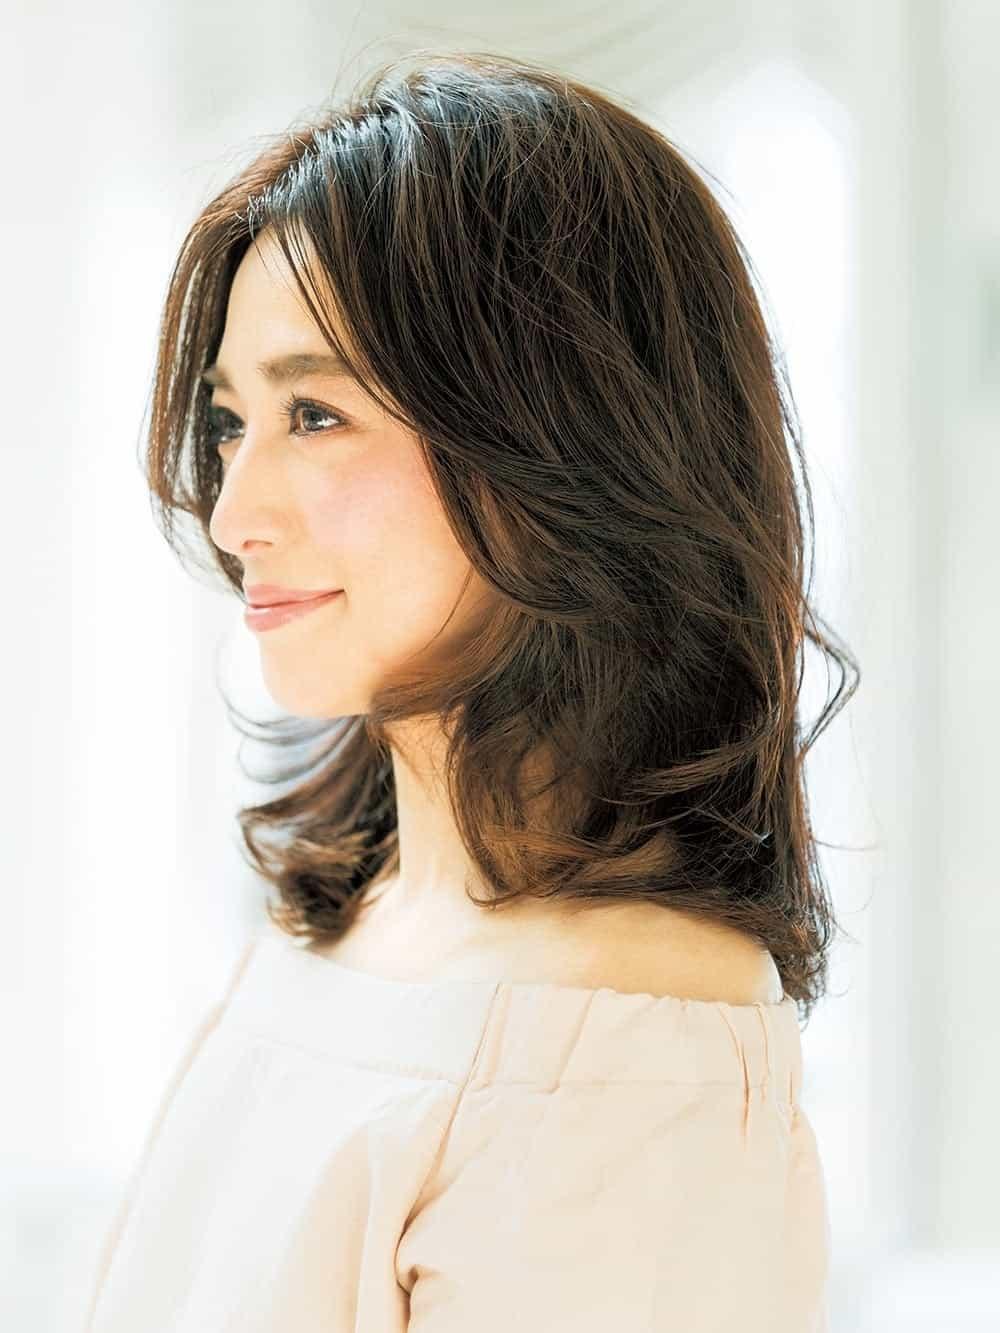 人気髪型ランキングTOP20【40代の毎日ヘアスタイル】 – STORY ...